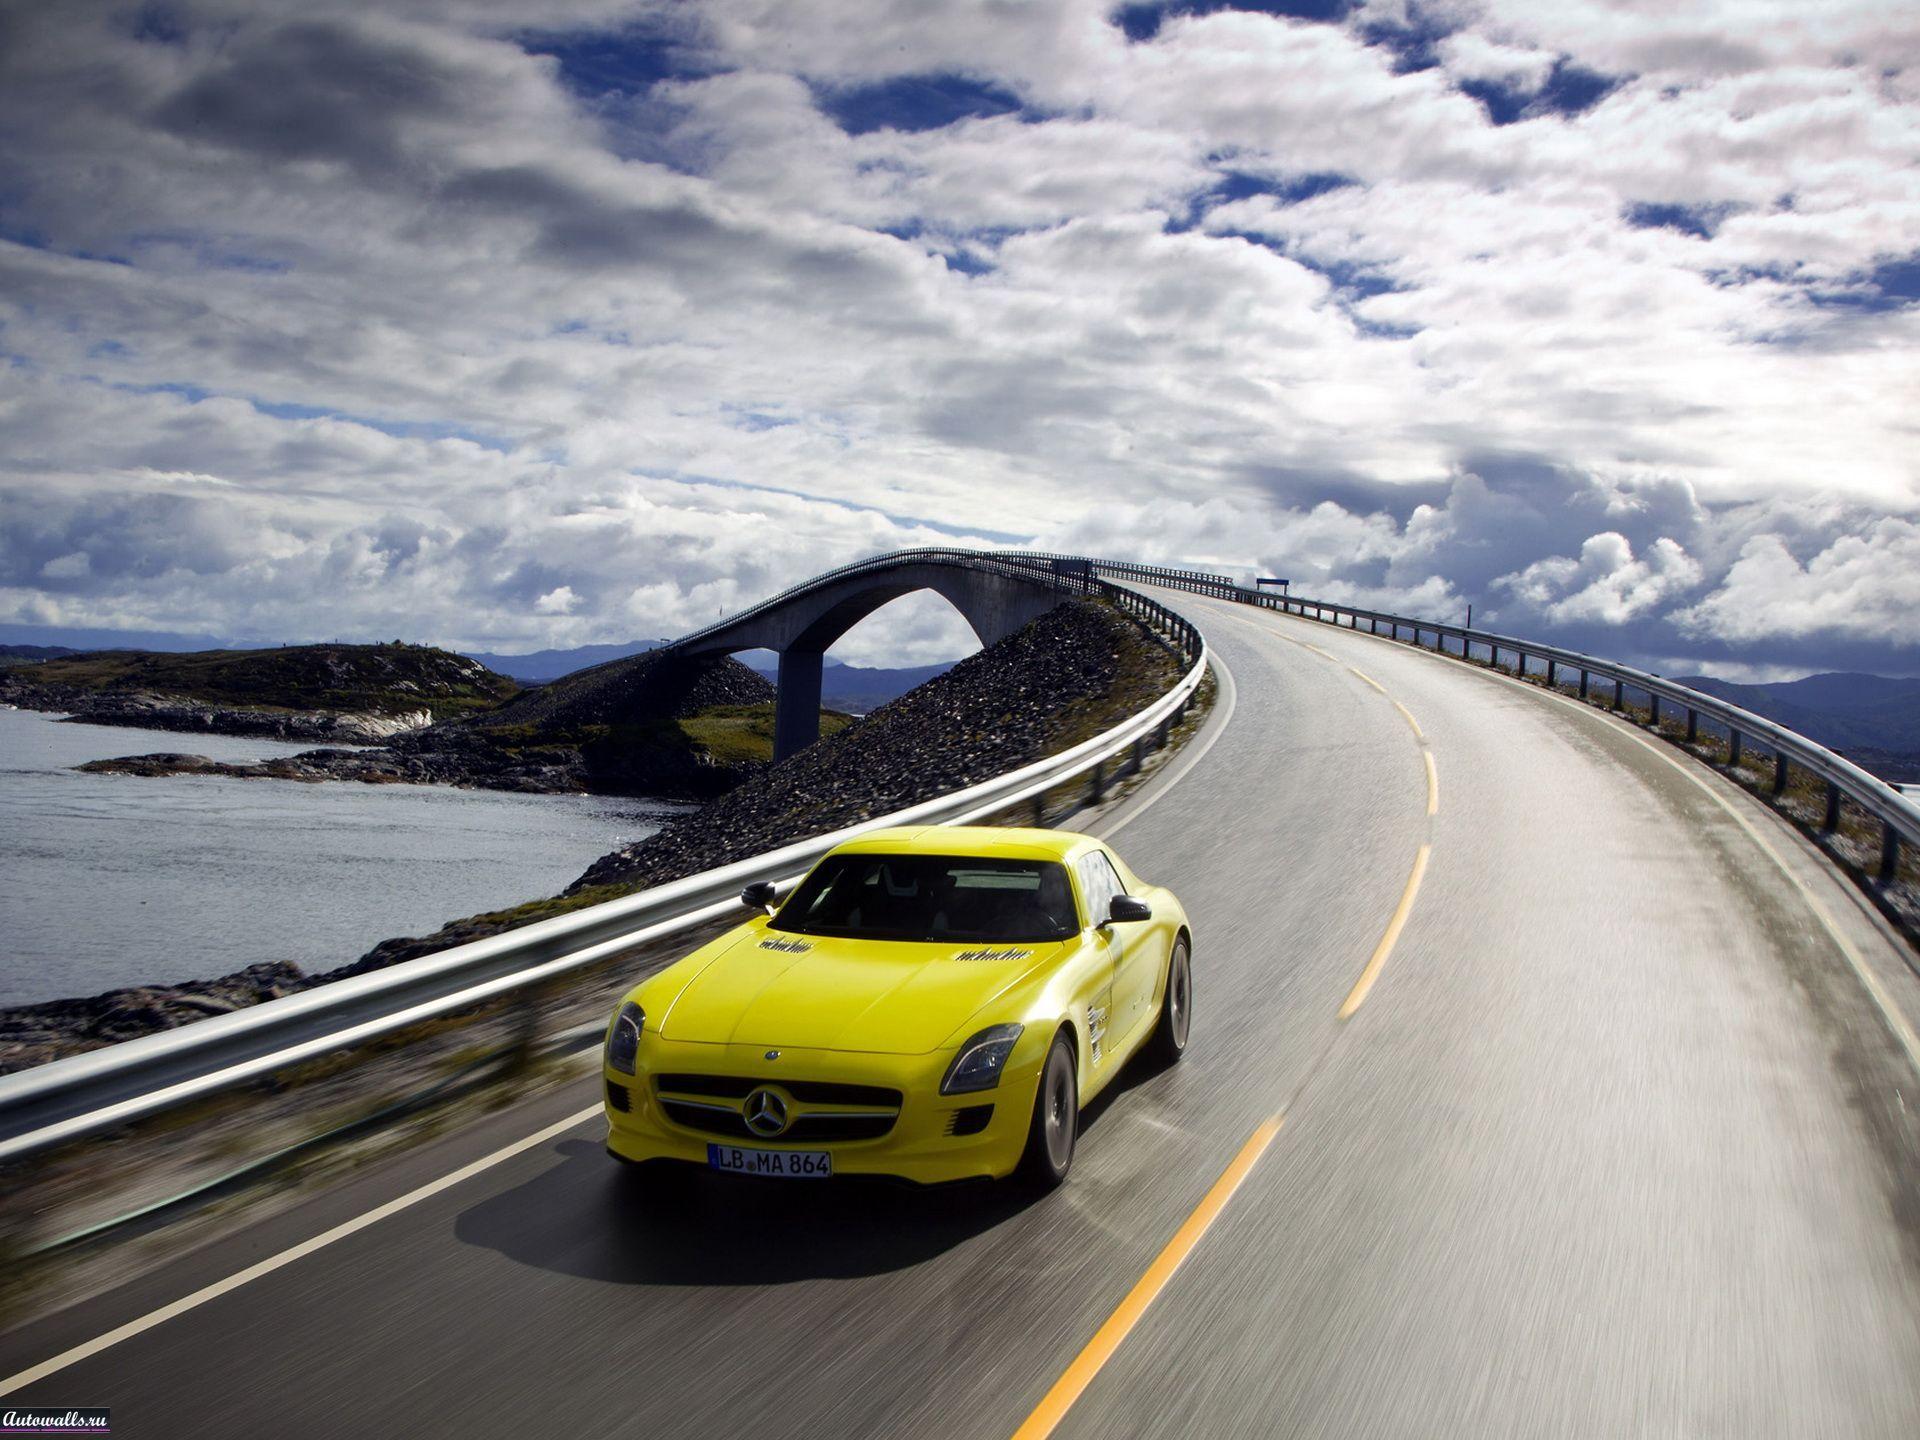 10506 скачать обои Транспорт, Машины, Мосты, Дороги, Мерседес (Mercedes) - заставки и картинки бесплатно